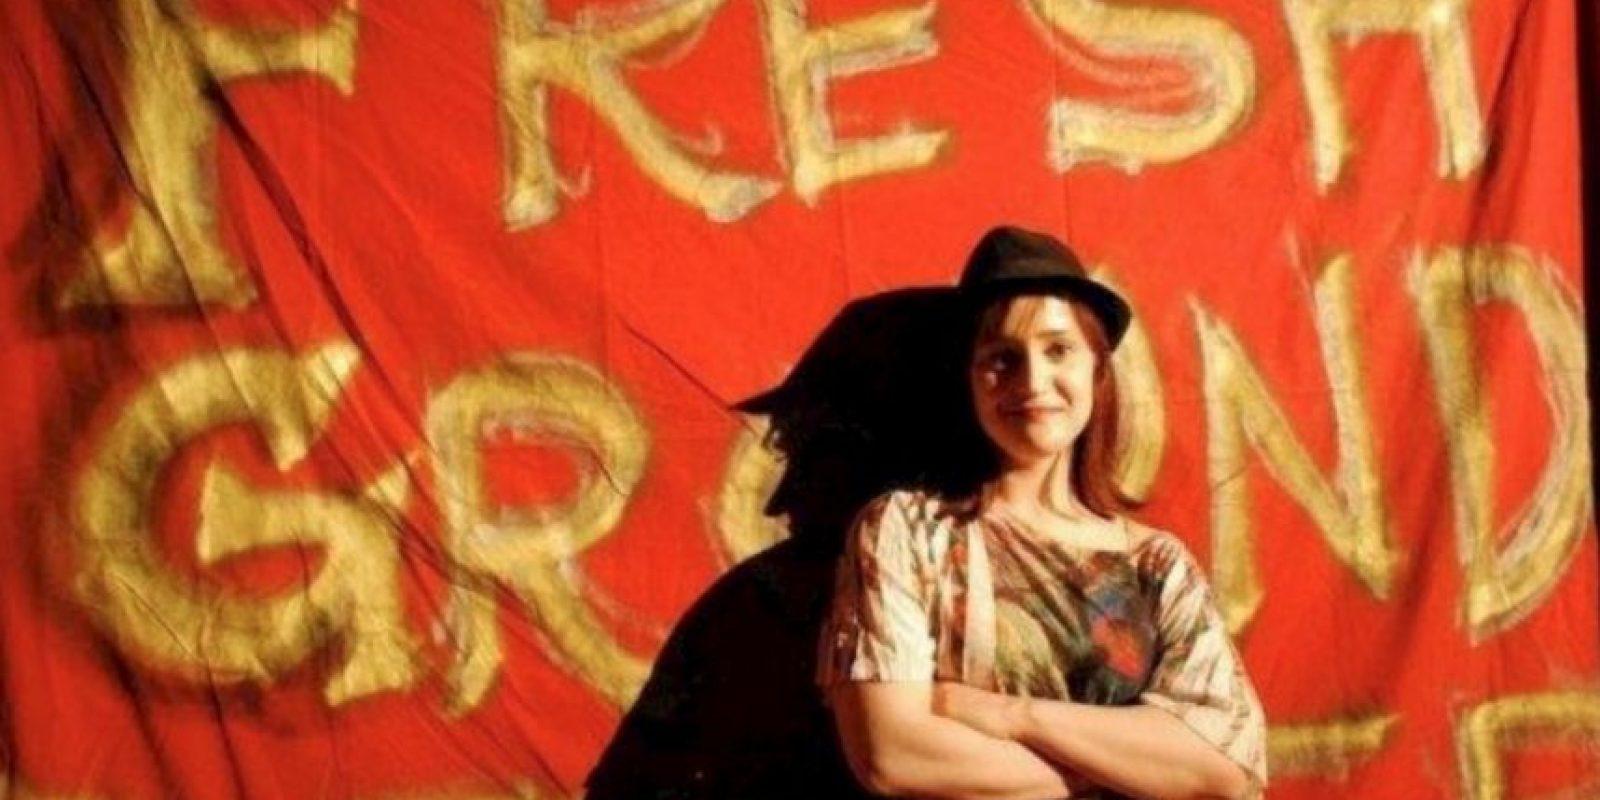 La película fue dedicada a la memoria de Suzie. Mike, el padre de Mara se volvió a casar Foto:Vía .facebook.com/pages/Mara-Wilson-Writes